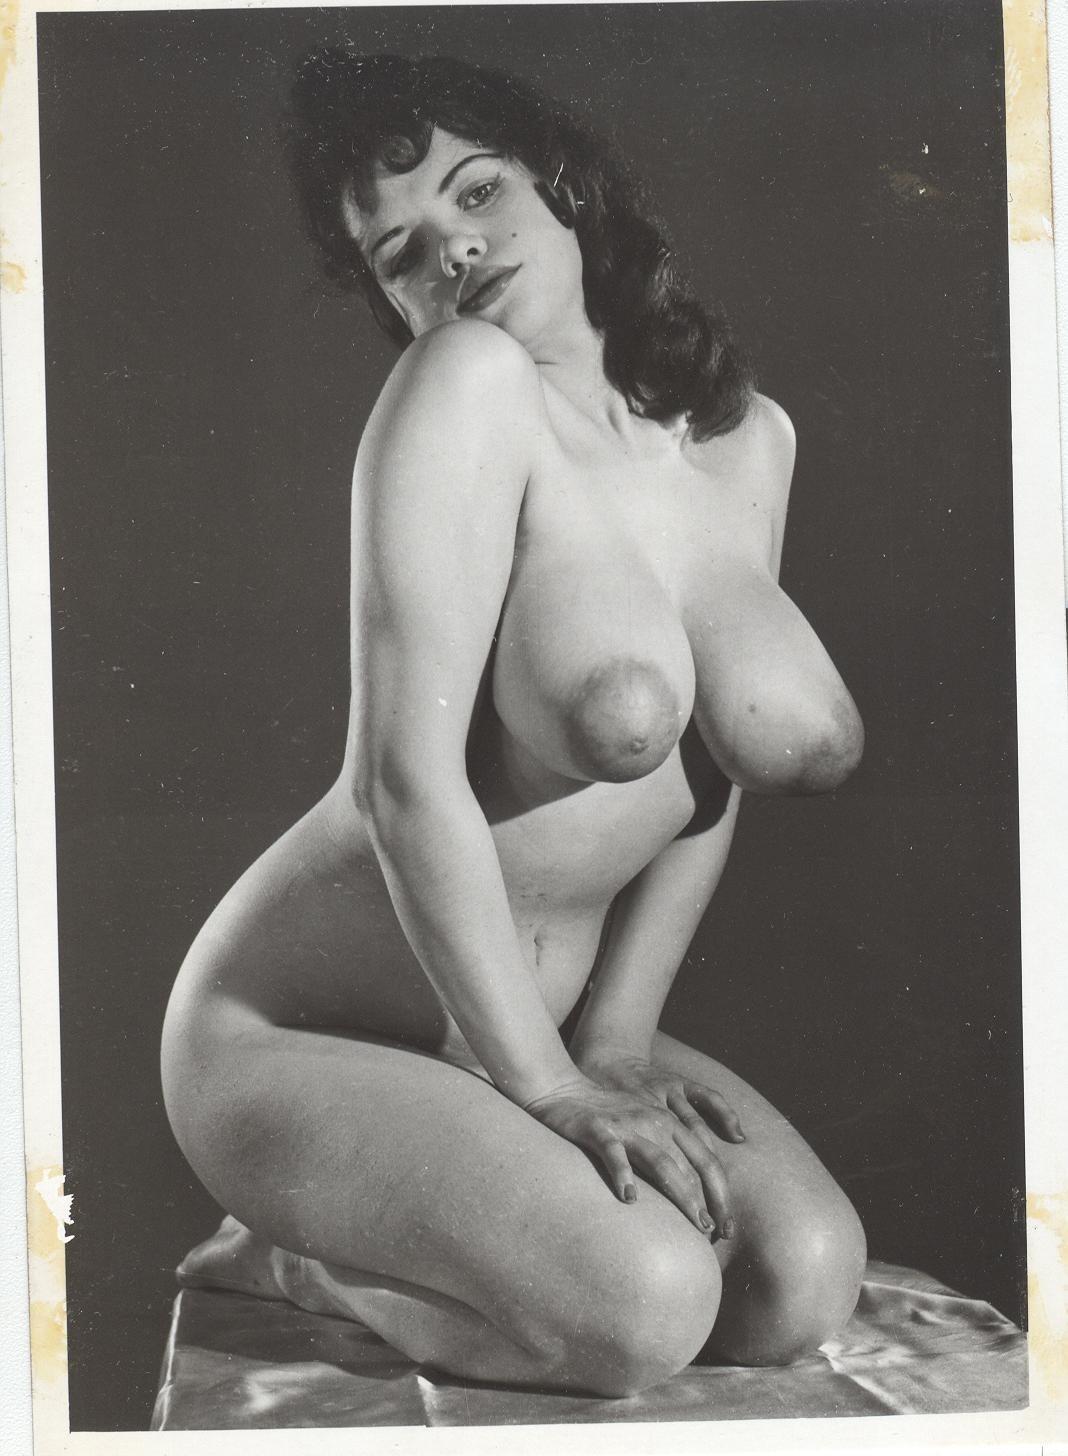 Katherine heigl nude images-7563